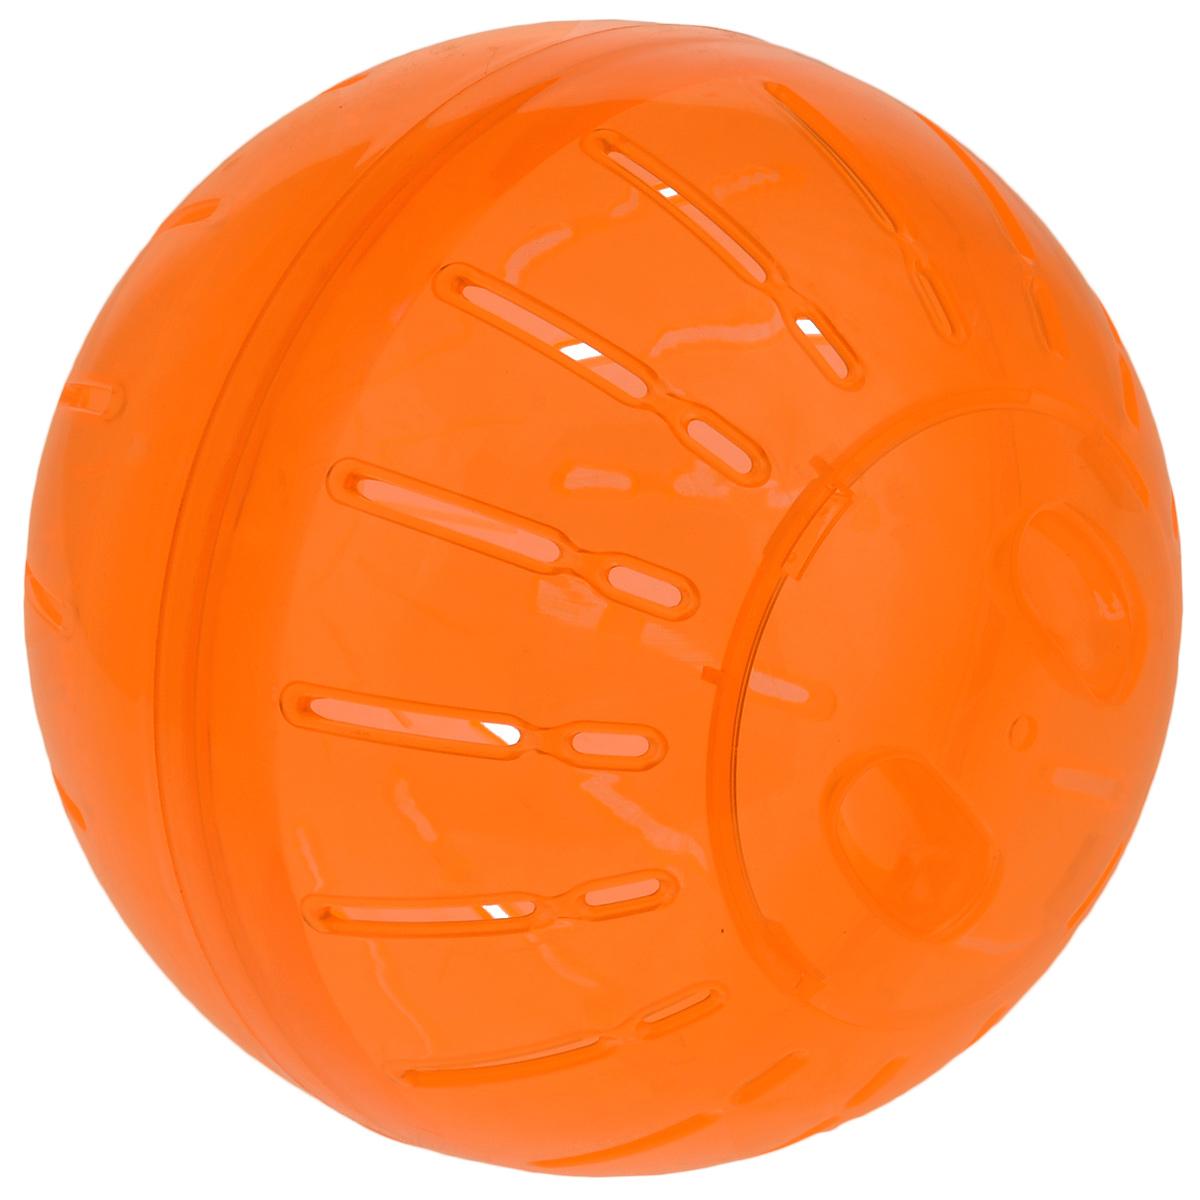 Игрушка для грызунов Triol Шар прогулочный, цвет: оранжевый, диаметр 19 смA5-750_оранжевыйШар прогулочный Triol - это игрушка для грызунов, изготовленная из нетоксичного высококачественного пластика. Шар легко моется. Устойчивая конструкция с защелкивающимися дверцами обеспечит безопасность и предохранит вашего питомца от побега. Большие вентиляционные отверстия обеспечивают хорошую циркуляцию воздуха, а специально разработанные выступы для лап - удобство при передвижении. Прогулка в таком шаре обеспечит грызуну нагрузку, а значит, поможет поддержать хорошую физическую форму. Чтобы правильно подобрать шар, следует измерить длину животного: диаметр шара должен быть чуть больше, чем длина вашего питомца. Диаметр шара: 19 см.